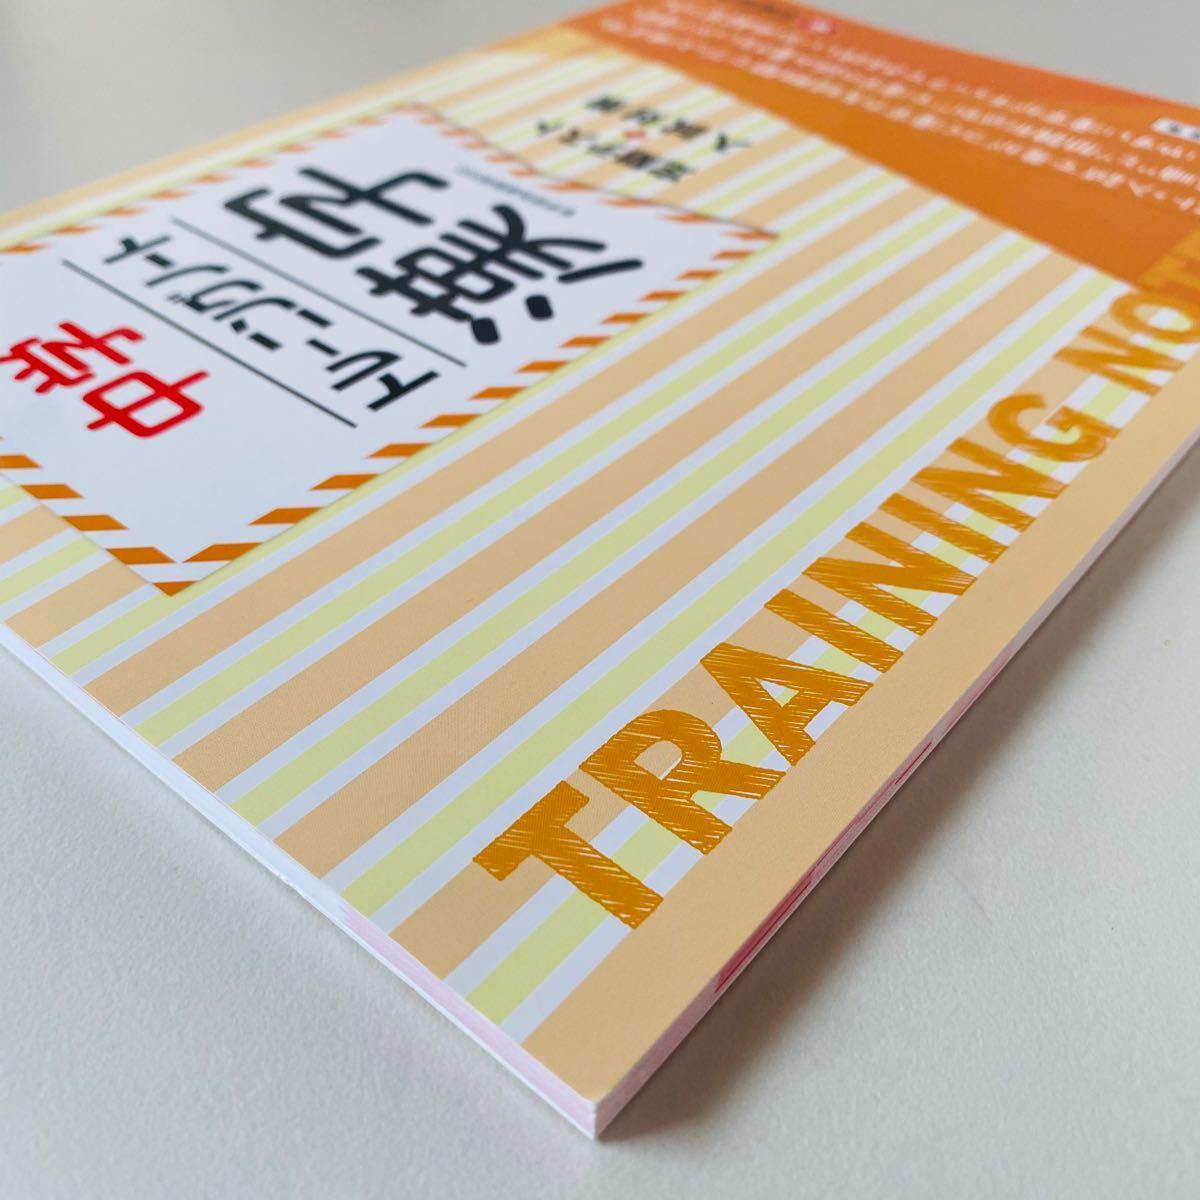 中学 漢字&国文法トレーニングノート 定期テスト+高校入試対策*高校受験 国語問題集